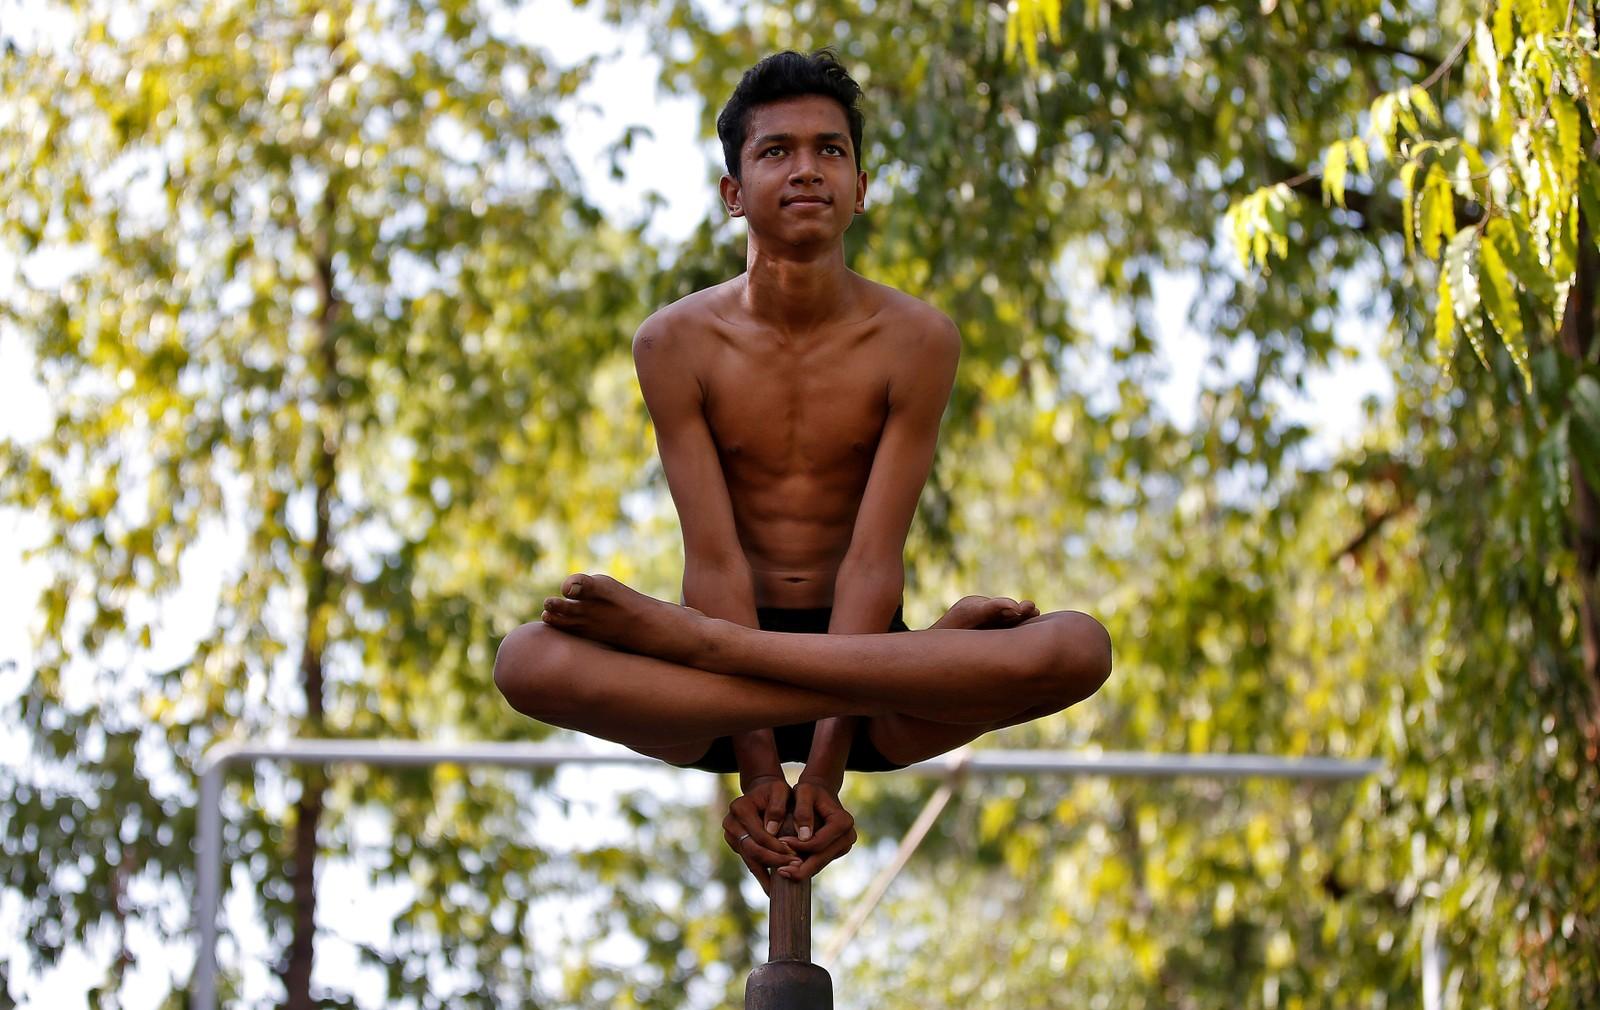 """Nok en gladgutt som skal feire høytiden Rath Yatra, ved å utføre """"Malkhamb""""."""